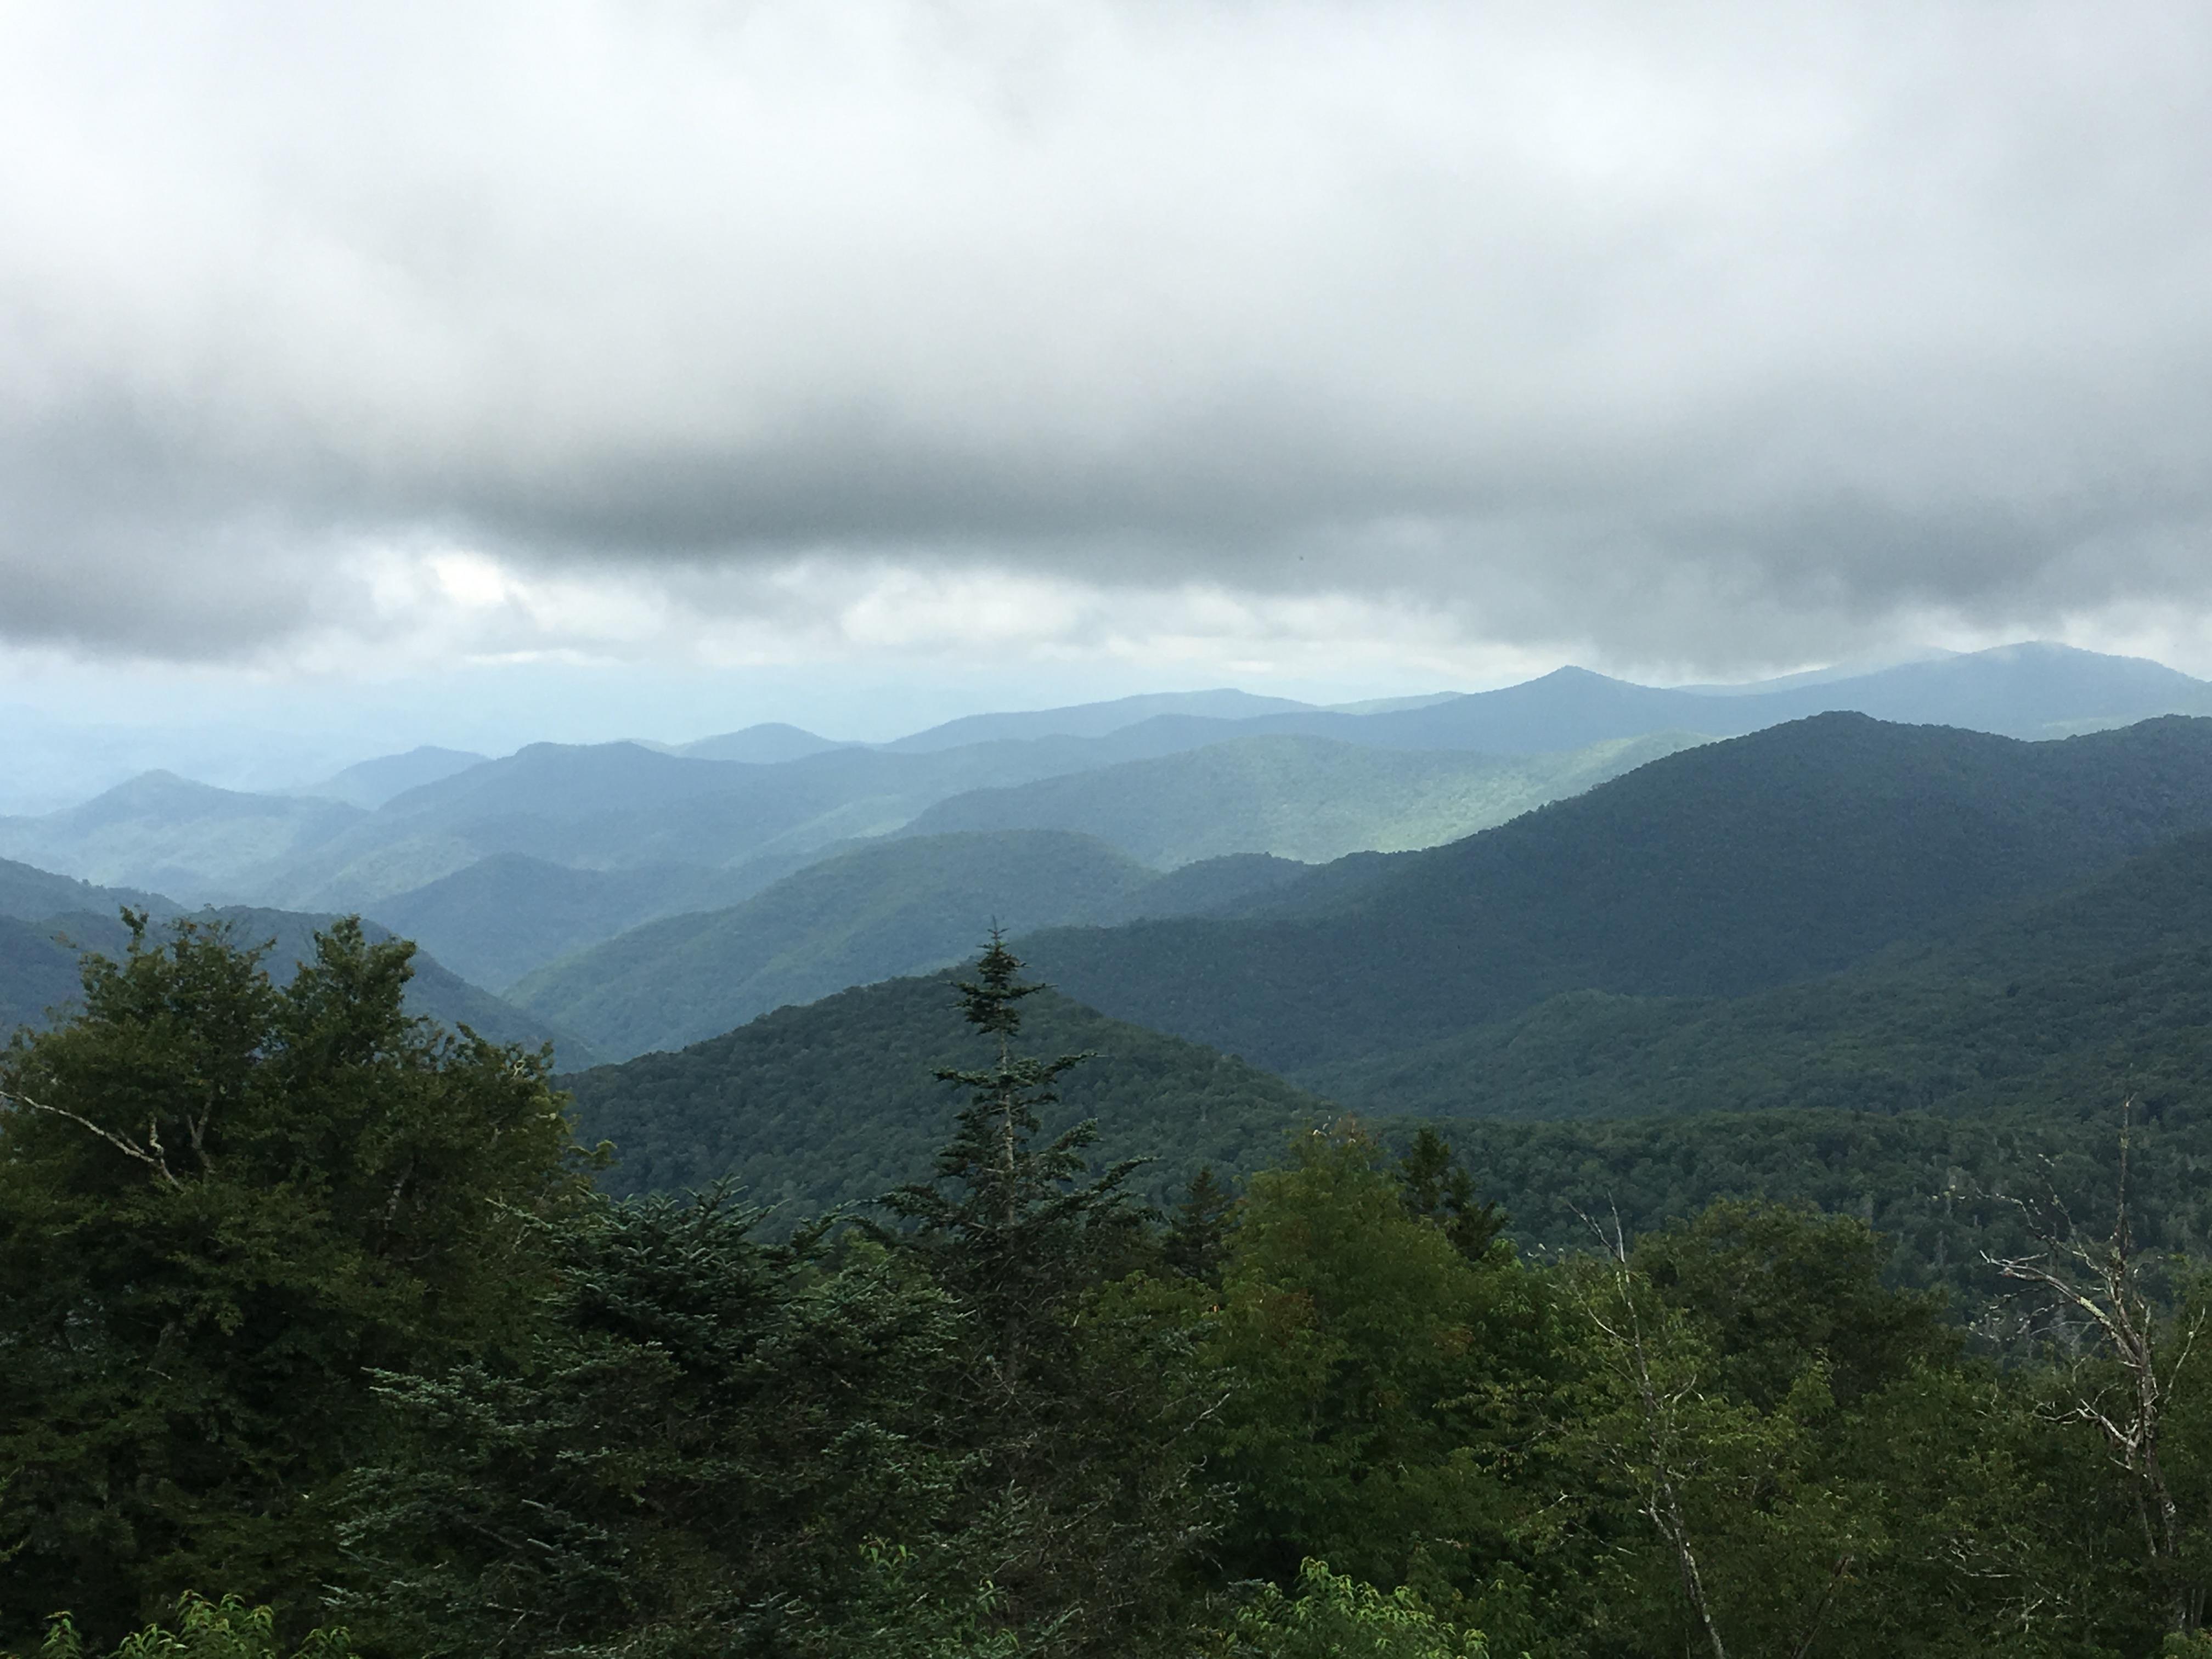 138 - Misty view of Smokeys toward TN